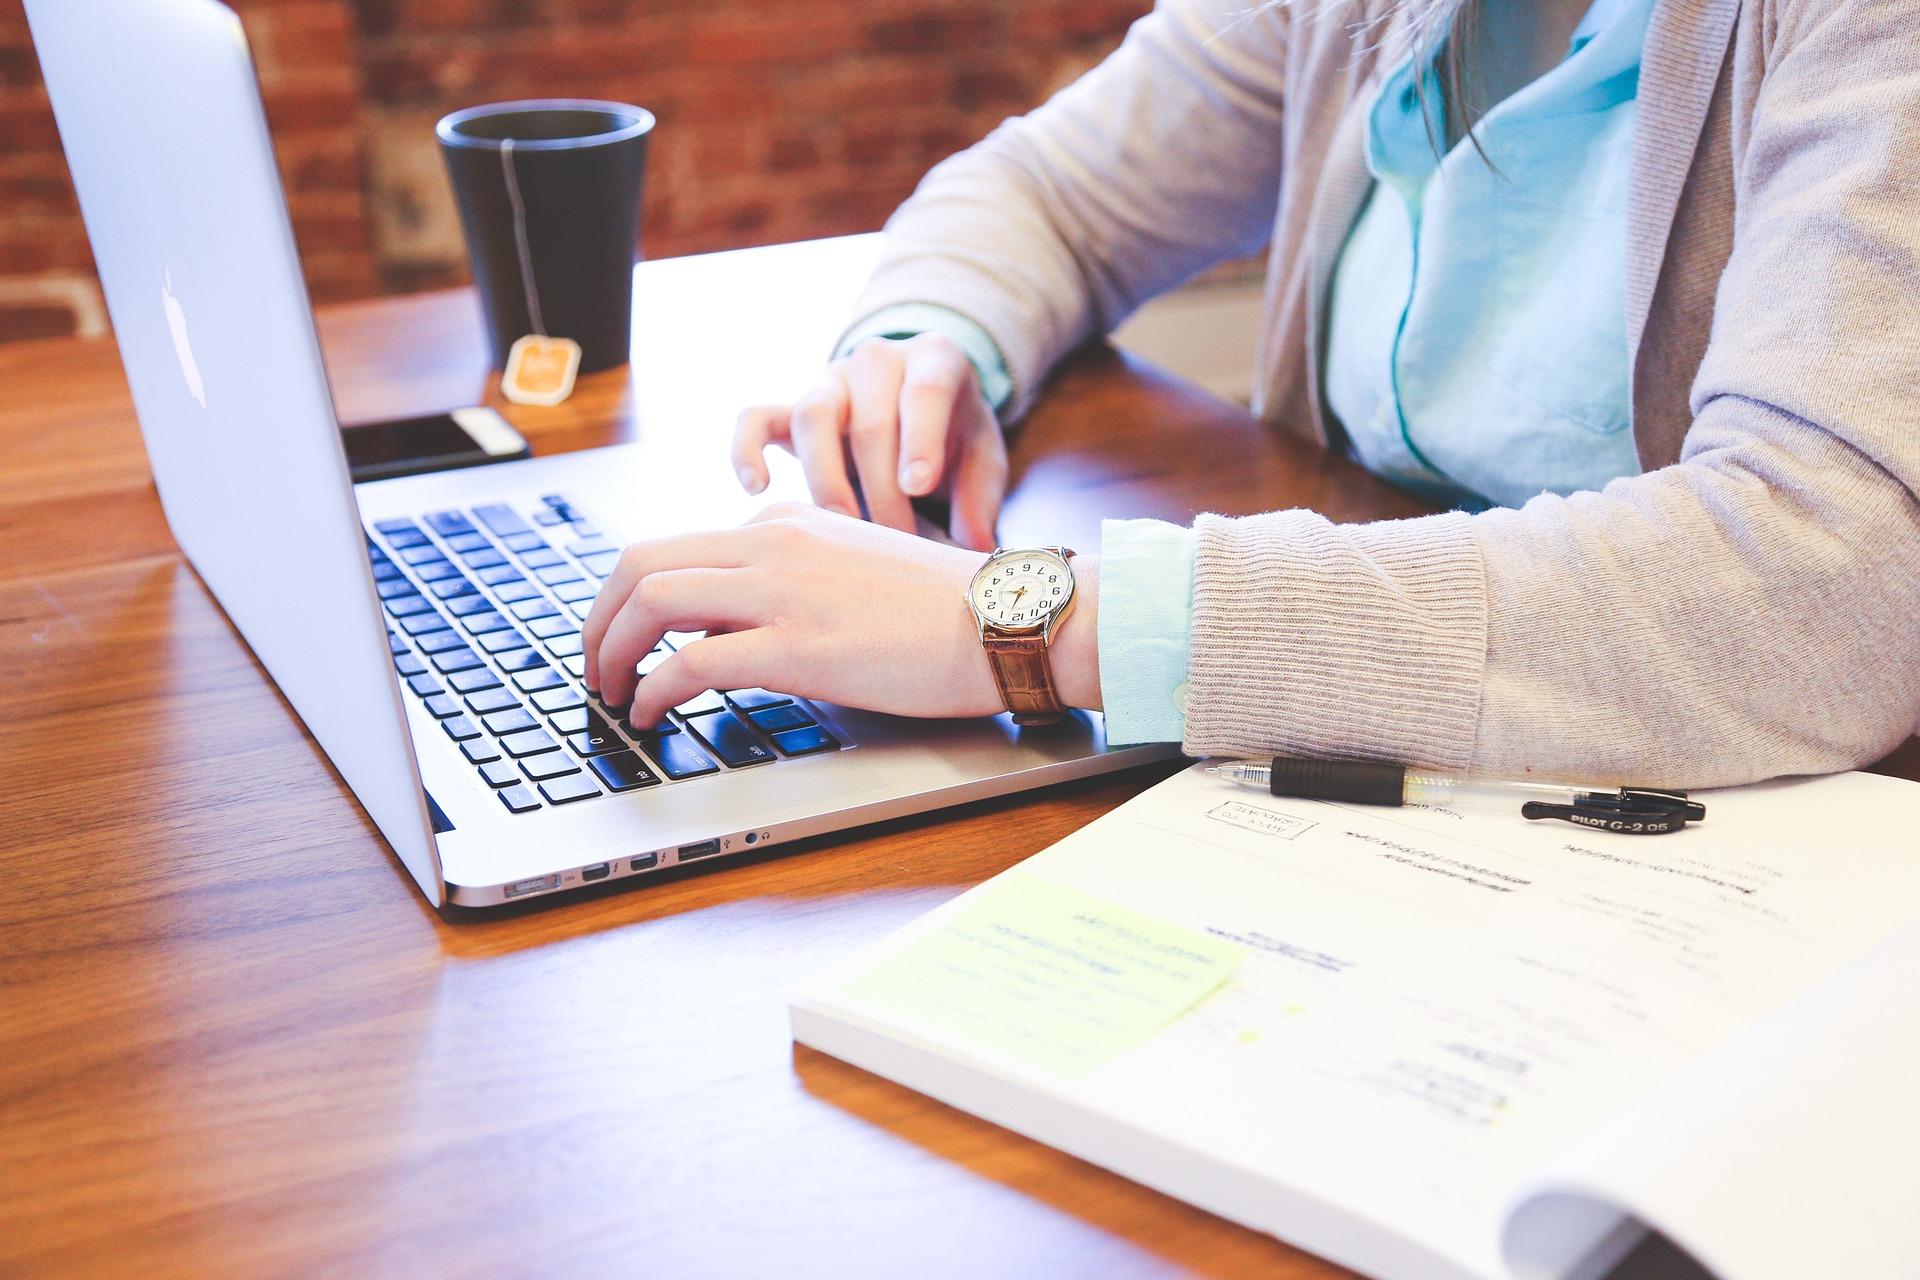 Os 03 principais benefícios da digitalização da educação corporativa